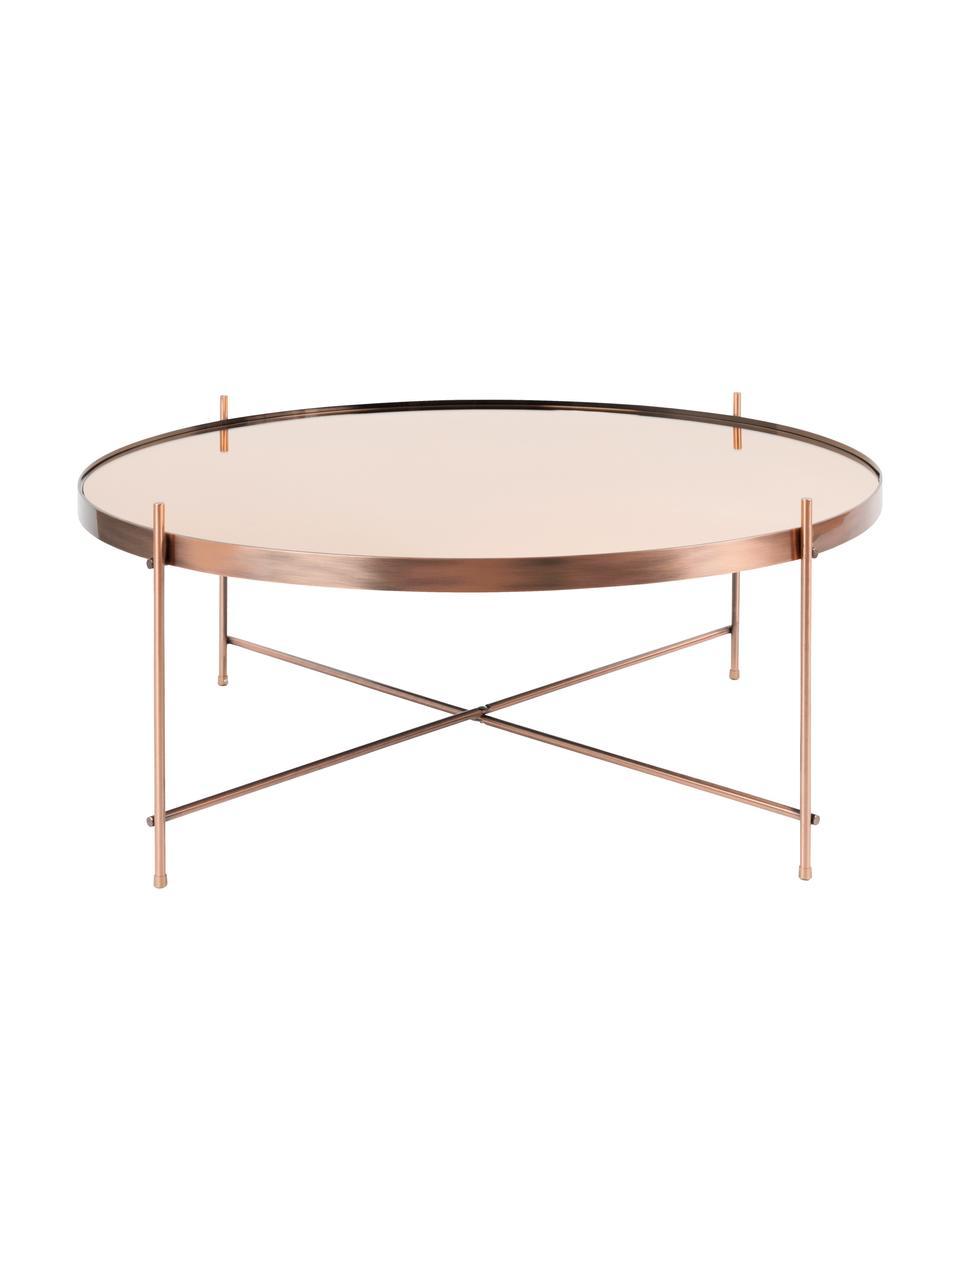 Okrągły stolik kawowy ze szklanym blatem Cupid, Stelaż: metal miedziowany, Blat: szkło, Miedziany, Ø 83 x W 35 cm